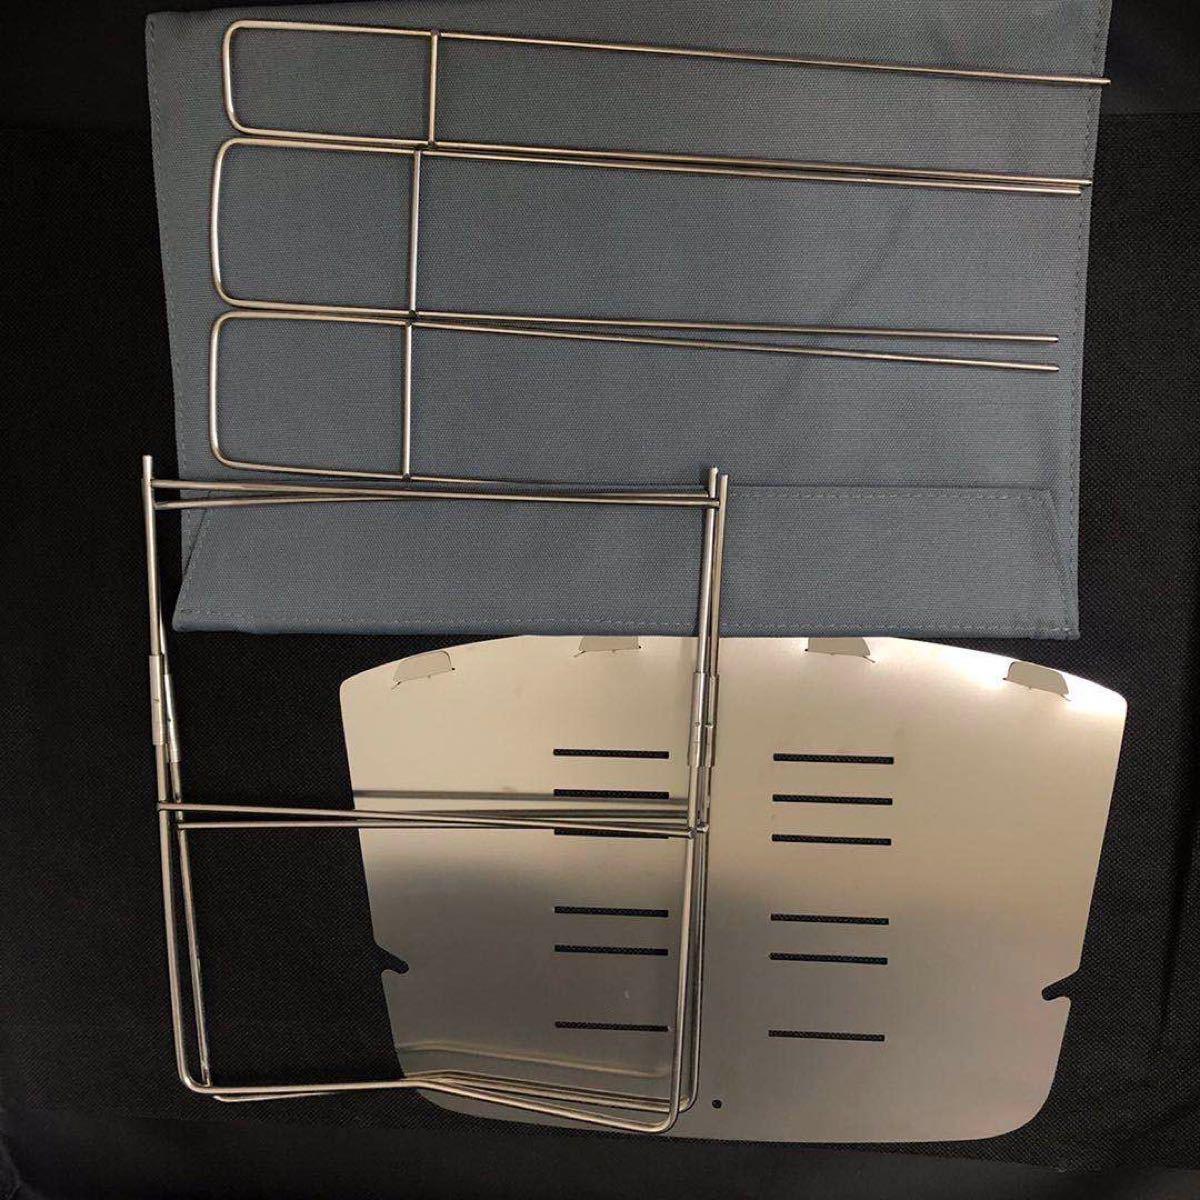 焚き火台 折り畳み式 ステンレス製 焚火台 バーベキューコンロ 携帯便利